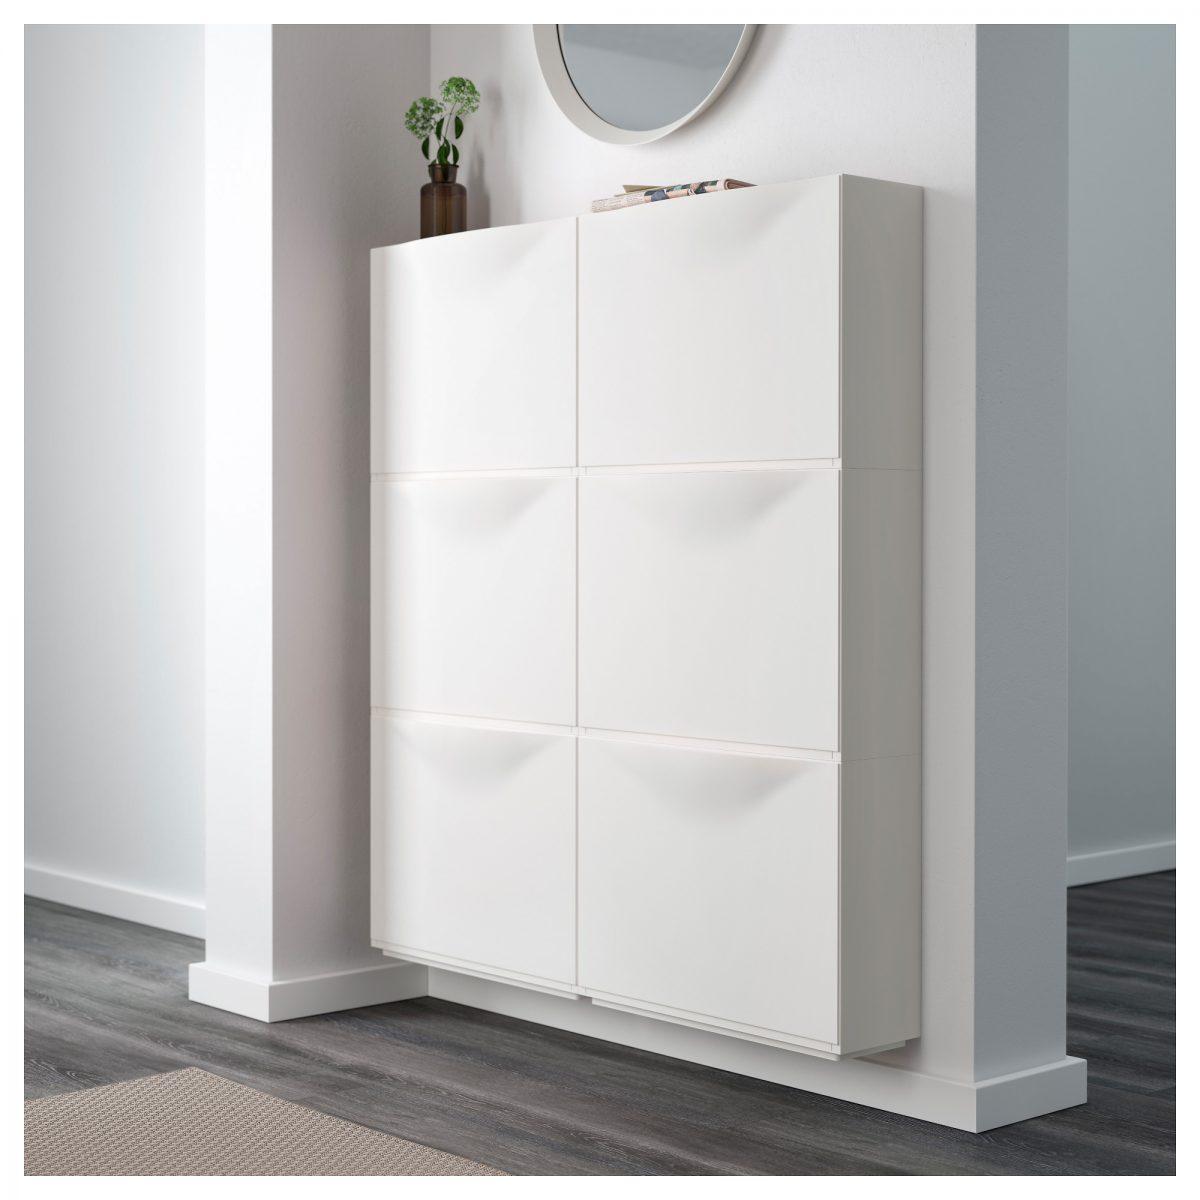 Scarpiera Larghezza 40 Cm. Scarpiere Ikea La Soluzione Ideale Ai ...